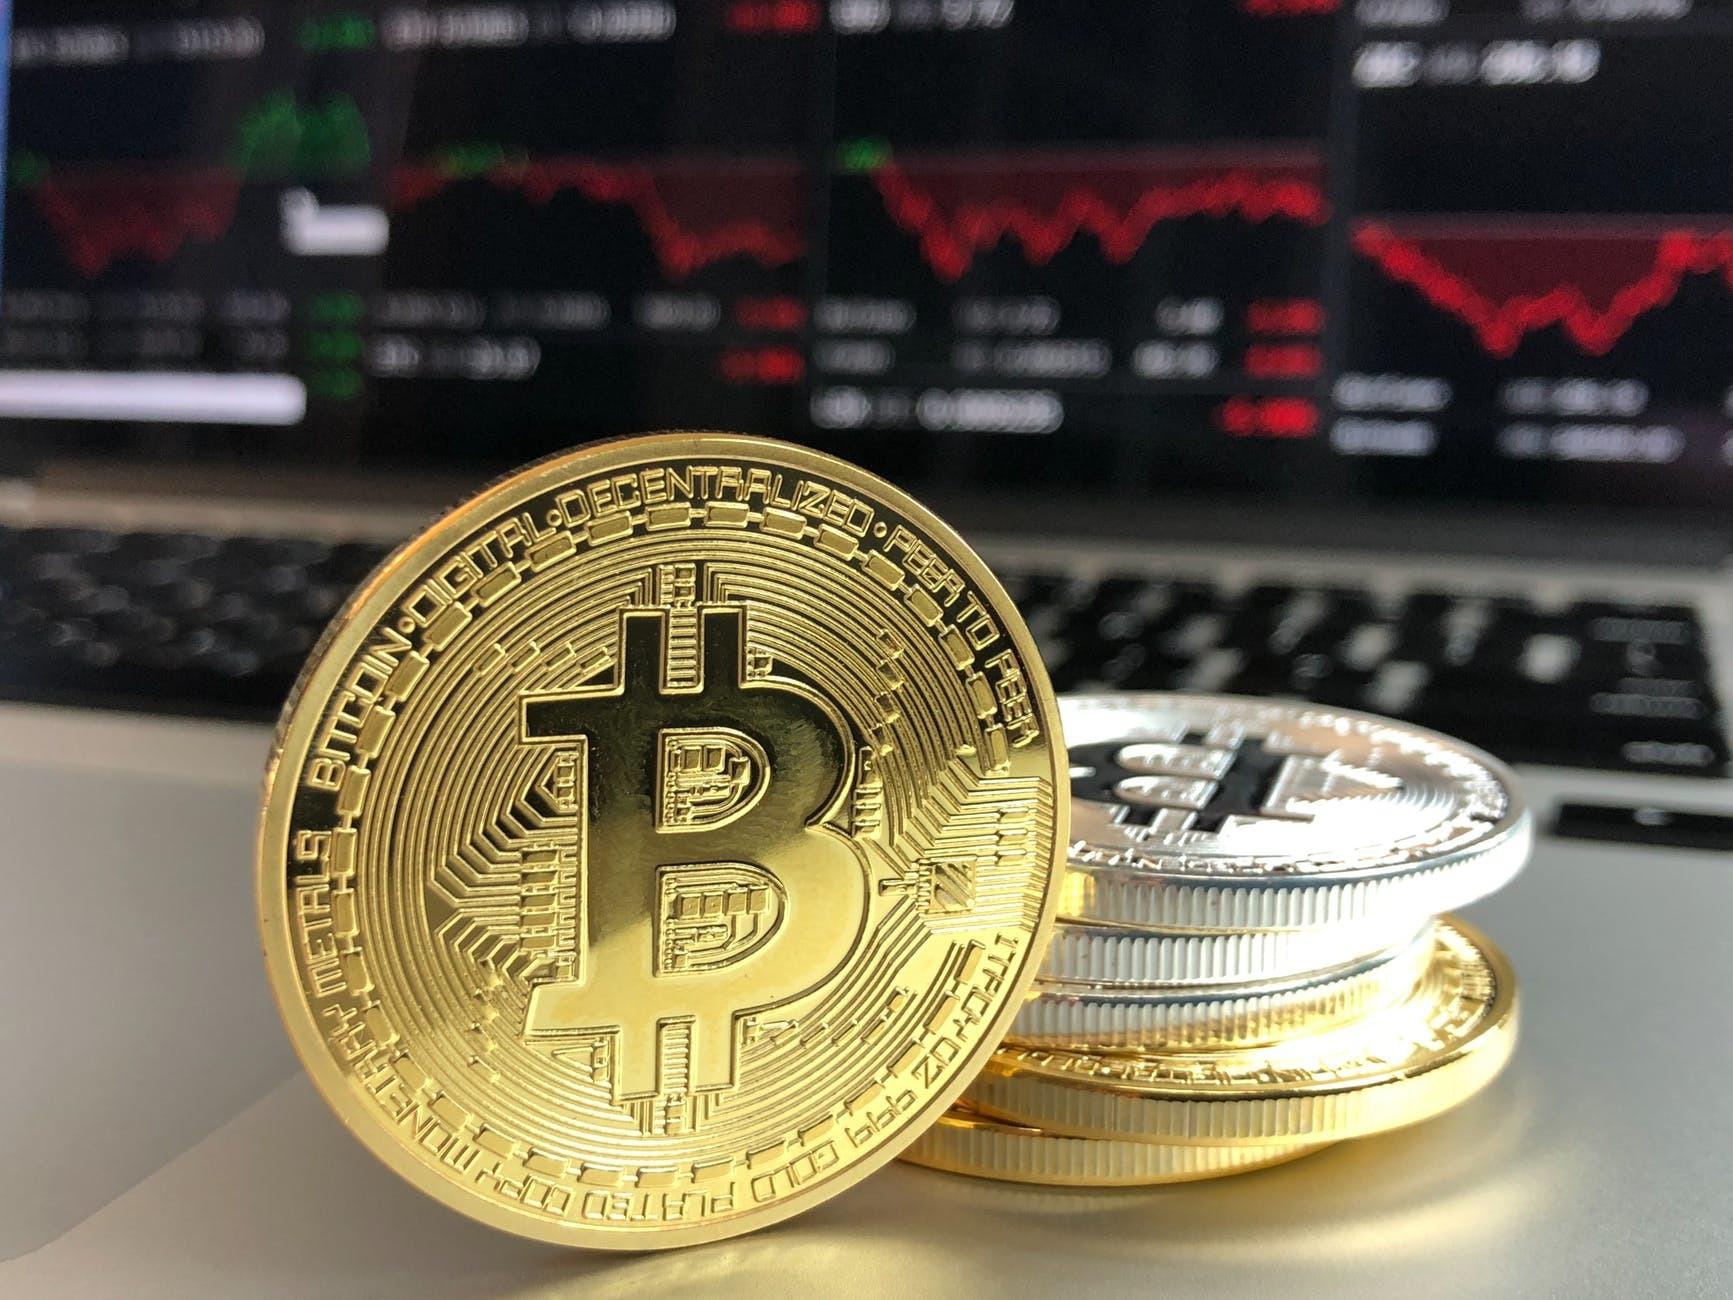 btc dominance următoarea piață bitcoin bull